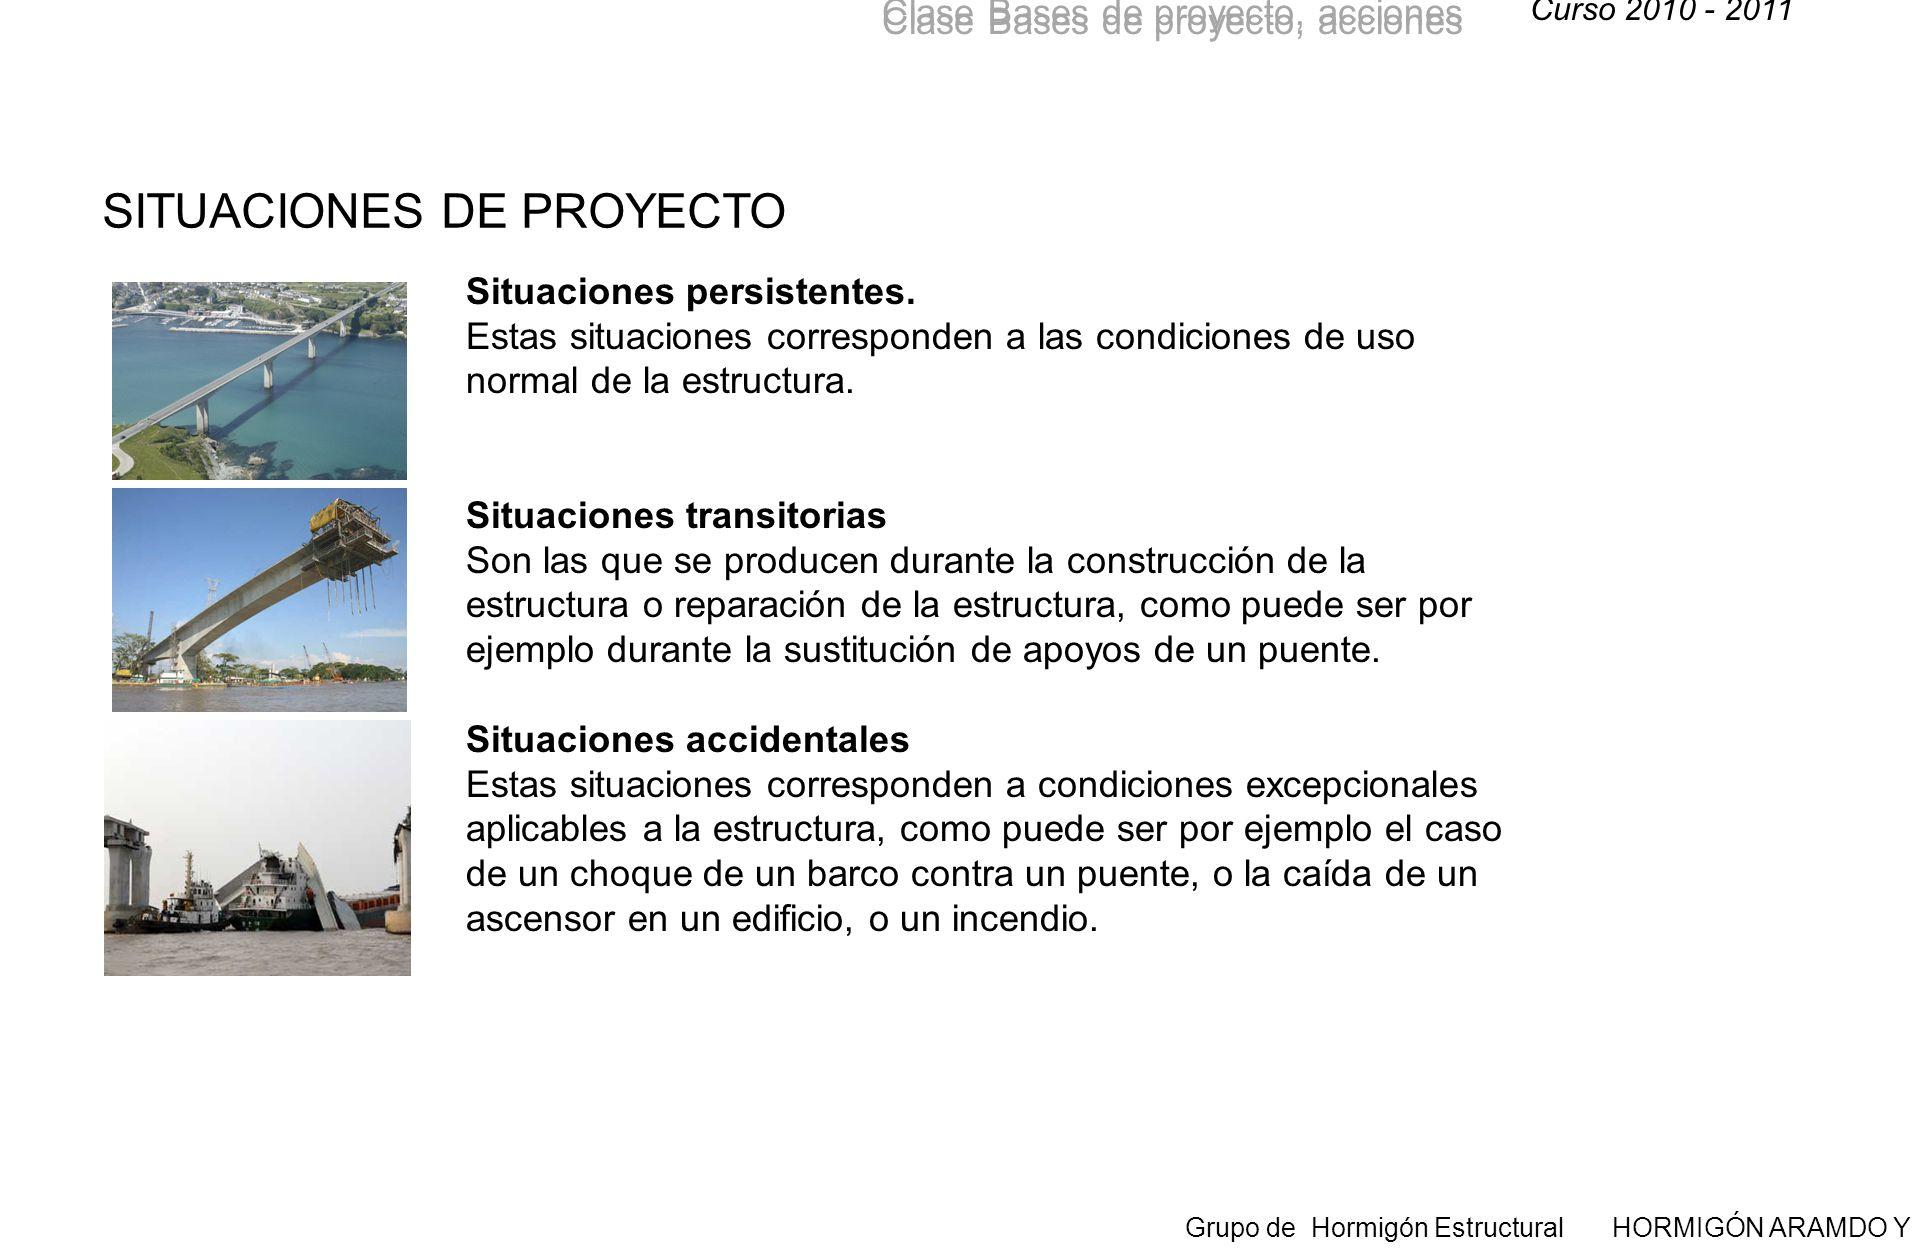 Curso 2010 - 2011 Grupo de Hormigón Estructural HORMIGÓN ARAMDO Y PRETENSADO II Clase Bases de proyecto, acciones Situaciones persistentes.